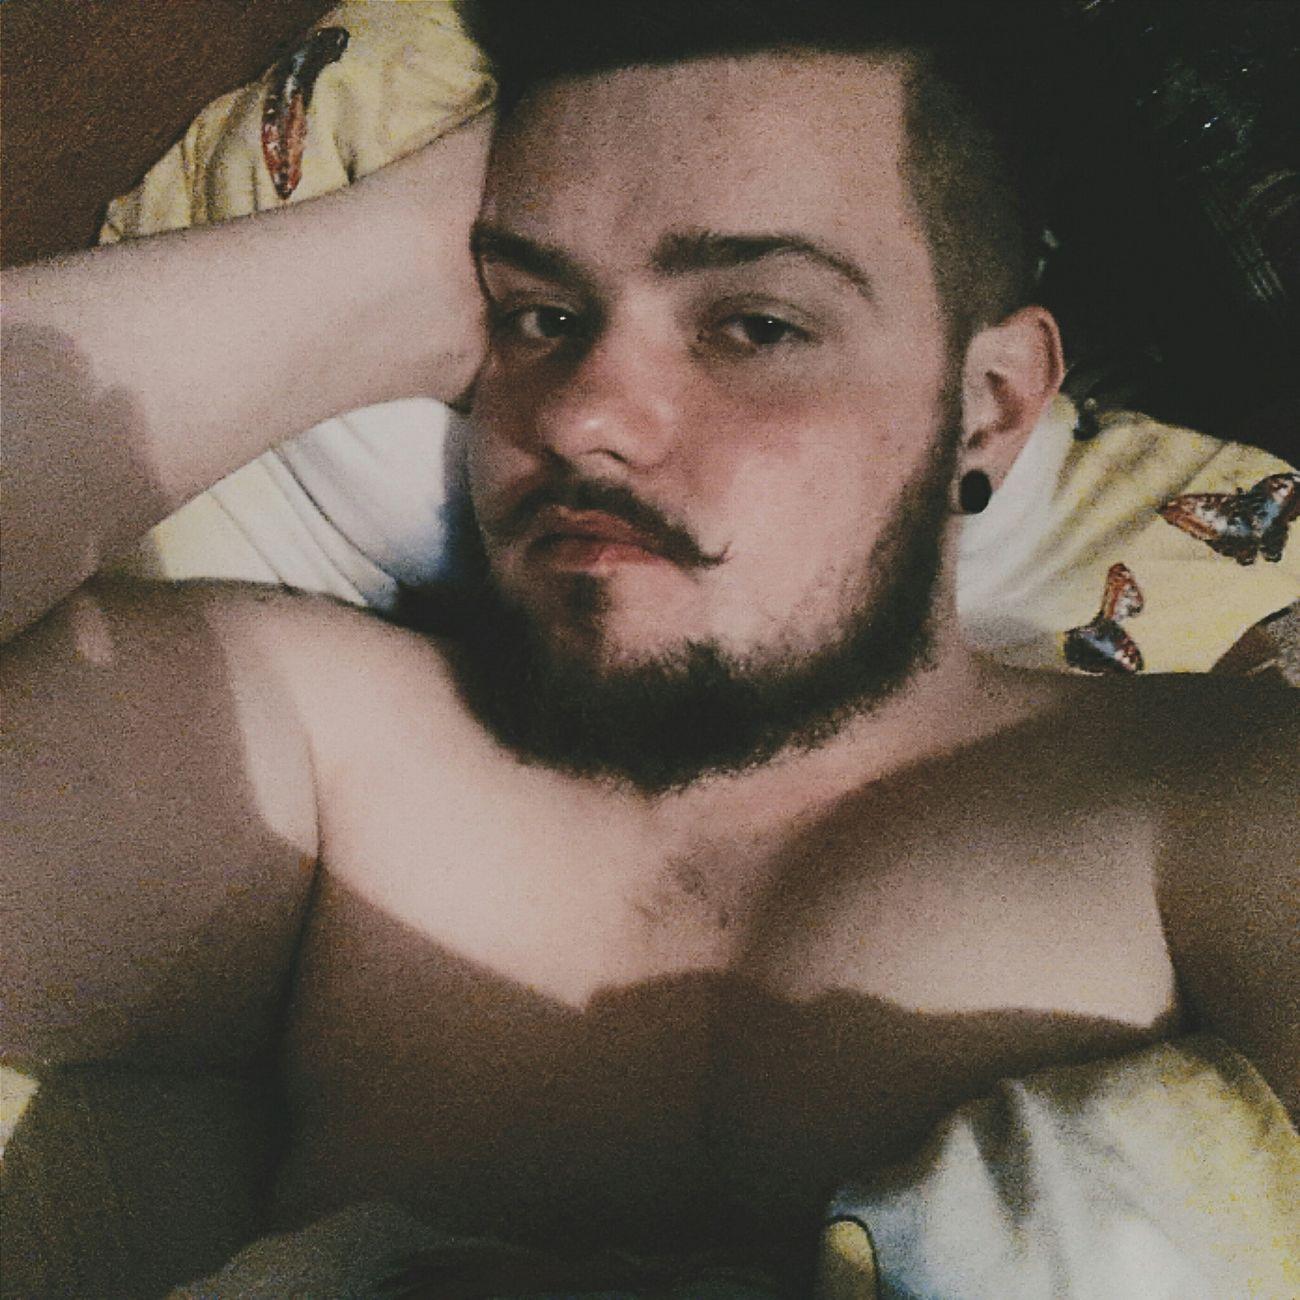 Gaymen Gay SexyGay Gaybeard Gaybear Gayworld Gayboy Gayselfie Gay Love Gay Pride